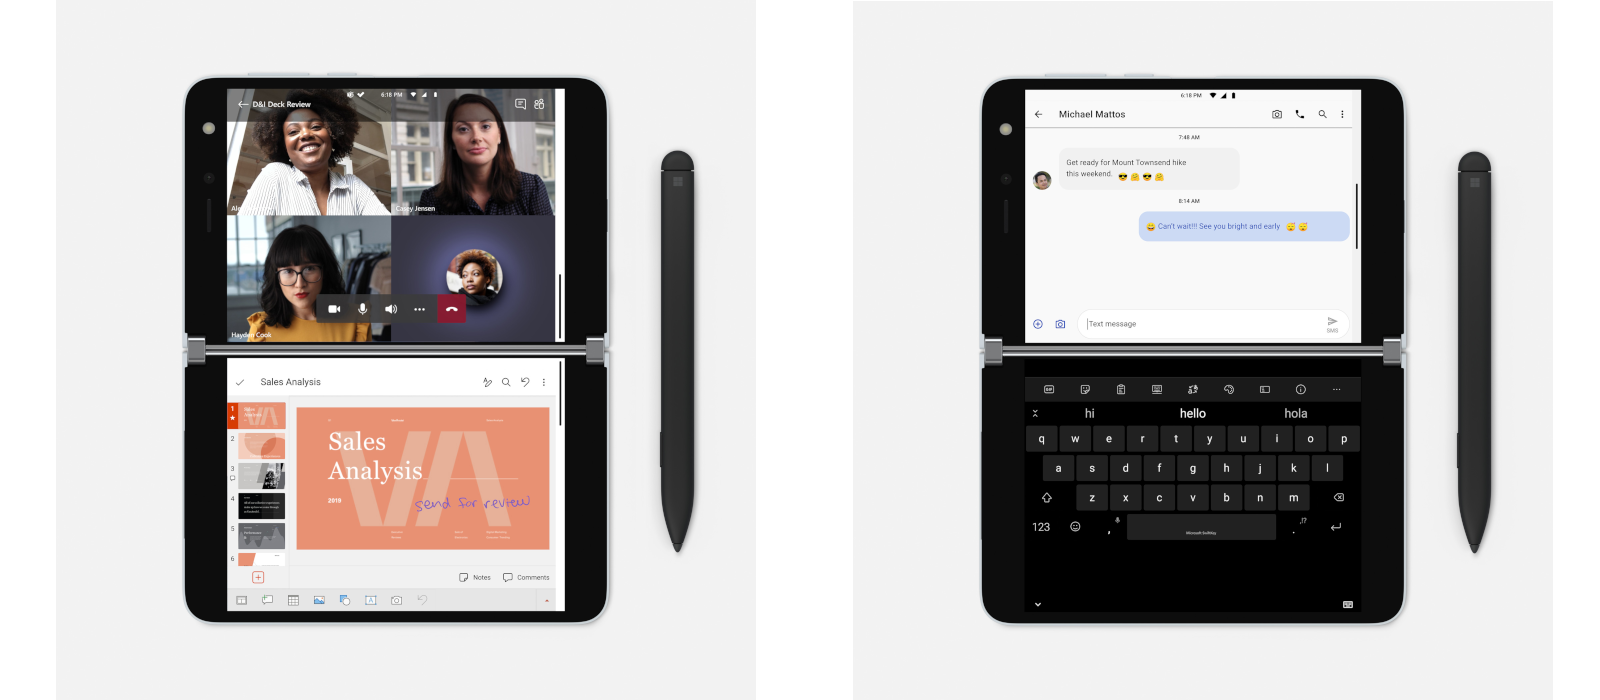 Auf dem linken Bild sieht man ein geöffnetes Microsoft Teams Meeting mit Teilnehmerinnen und eine PowerPoint Präsentation und auf dem rechten Bildschirm eine geöffnetes Chatfenster in Microsoft Teams mit der Tastatur auf dem zweiten Bildschirm.